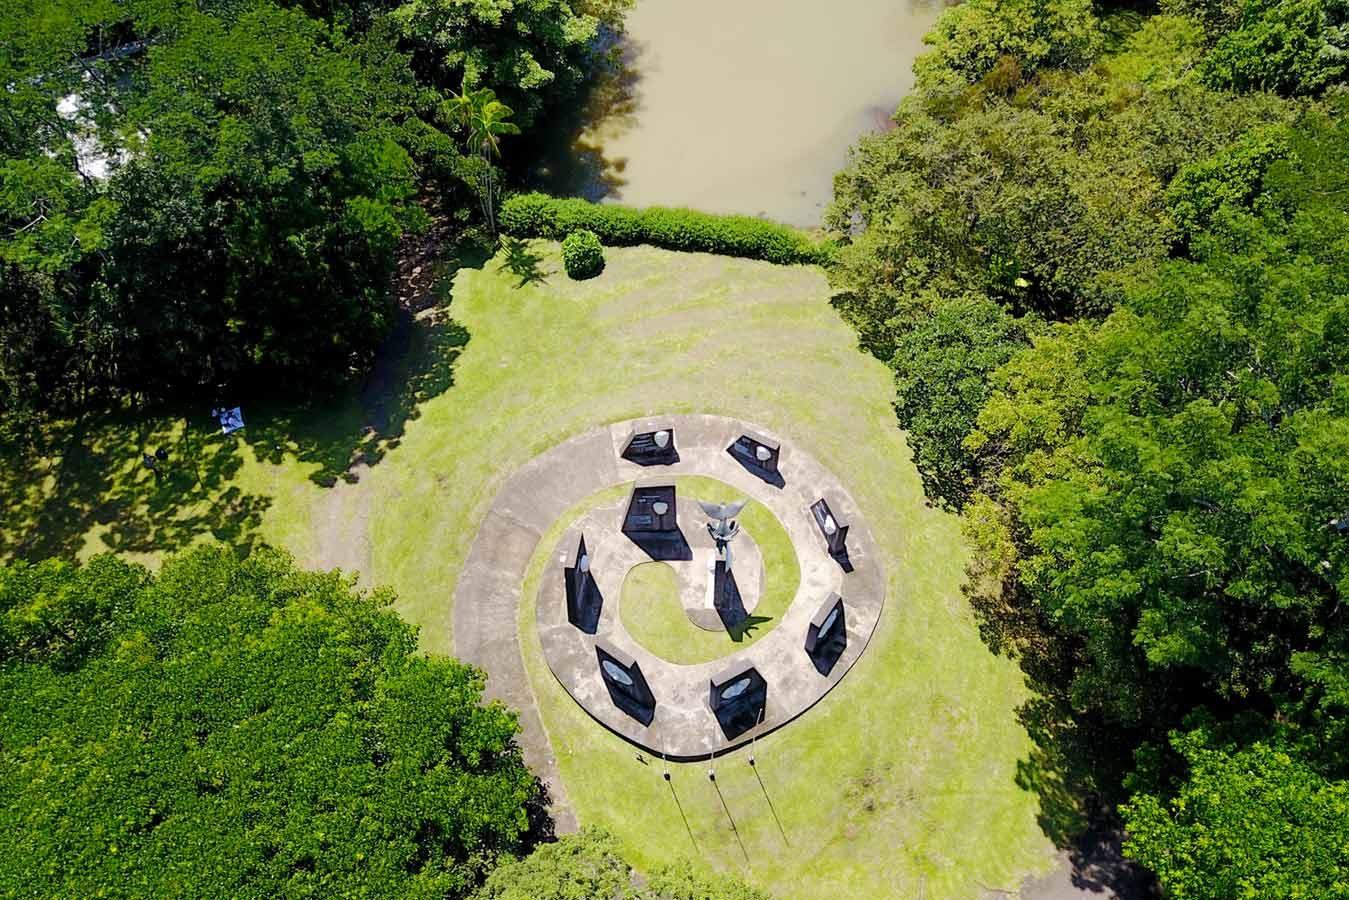 Parque Recreativo, Universidad para la Paz - Qué Buen Lugar